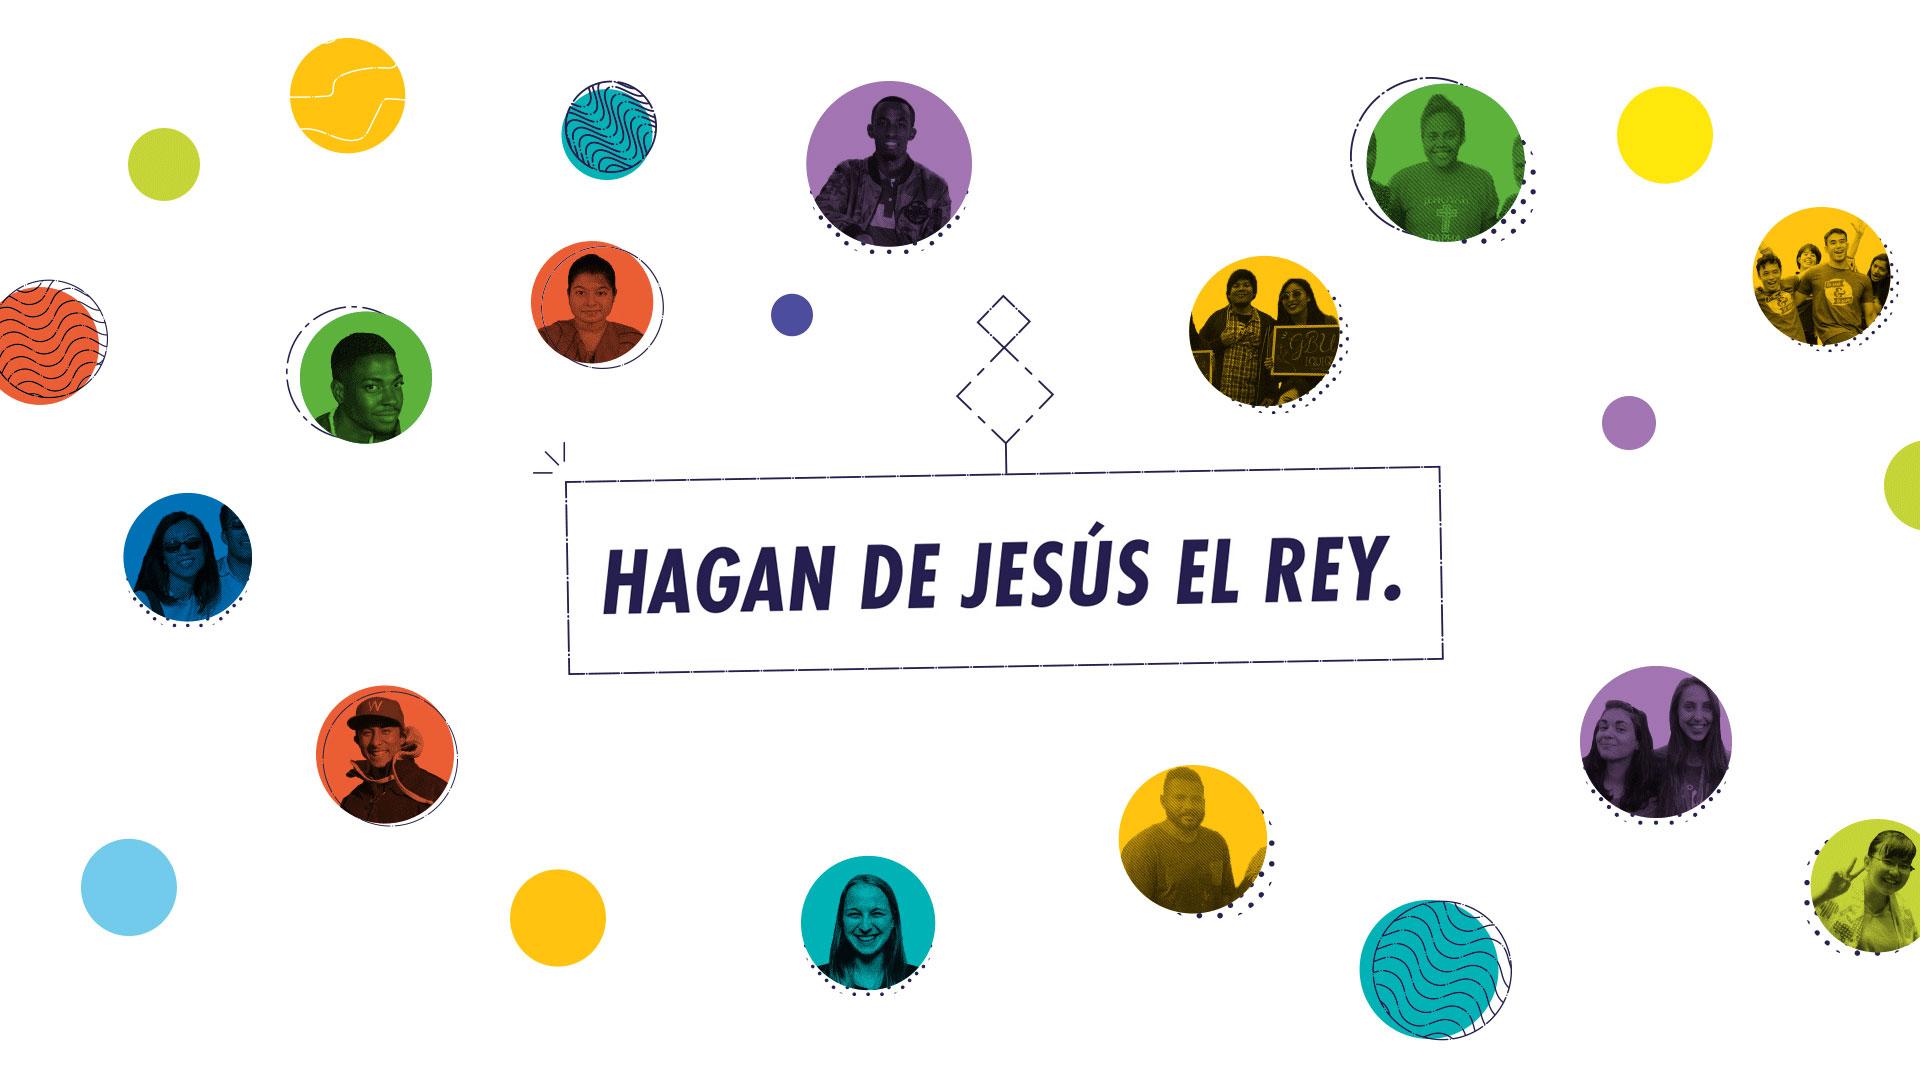 Hagan de Jesús el Rey